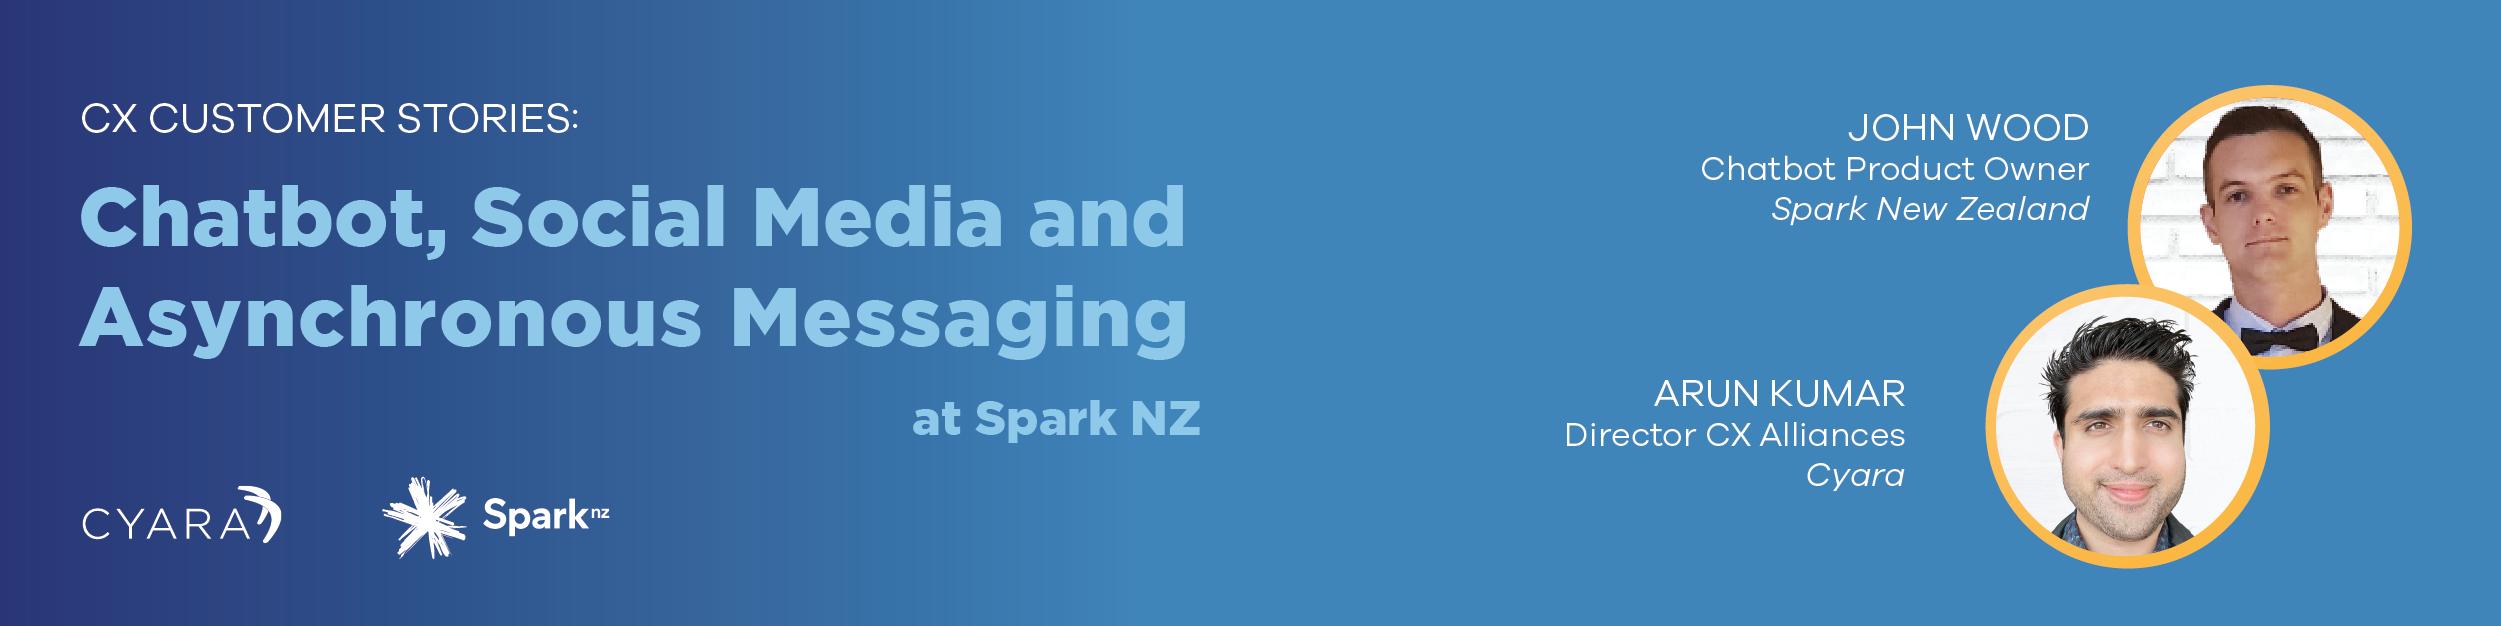 Spark NZ chatbot webinar v3_Landing page header 1200 x 300